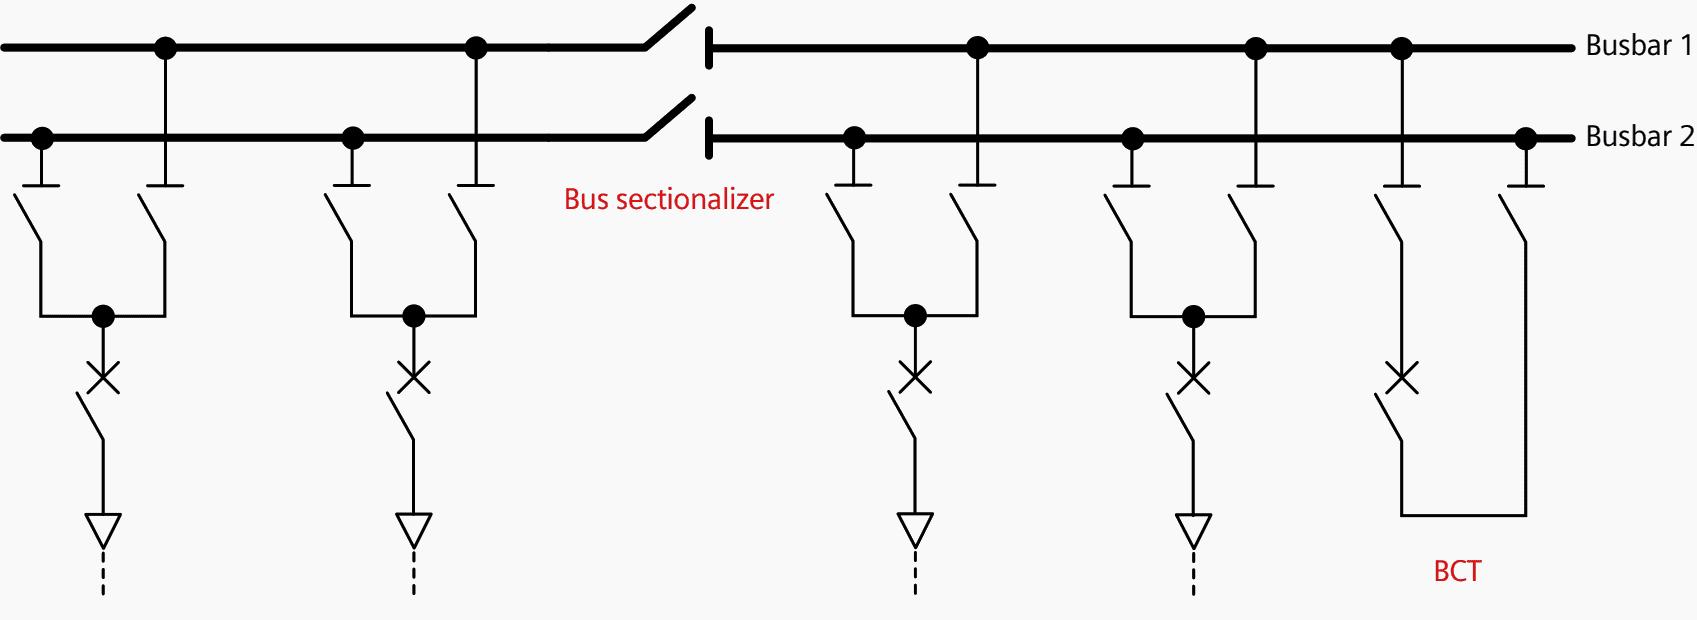 شکل 7 a- تکثیر باسبار با سکشنلایزر شین و کوپلر باسبار عرضی